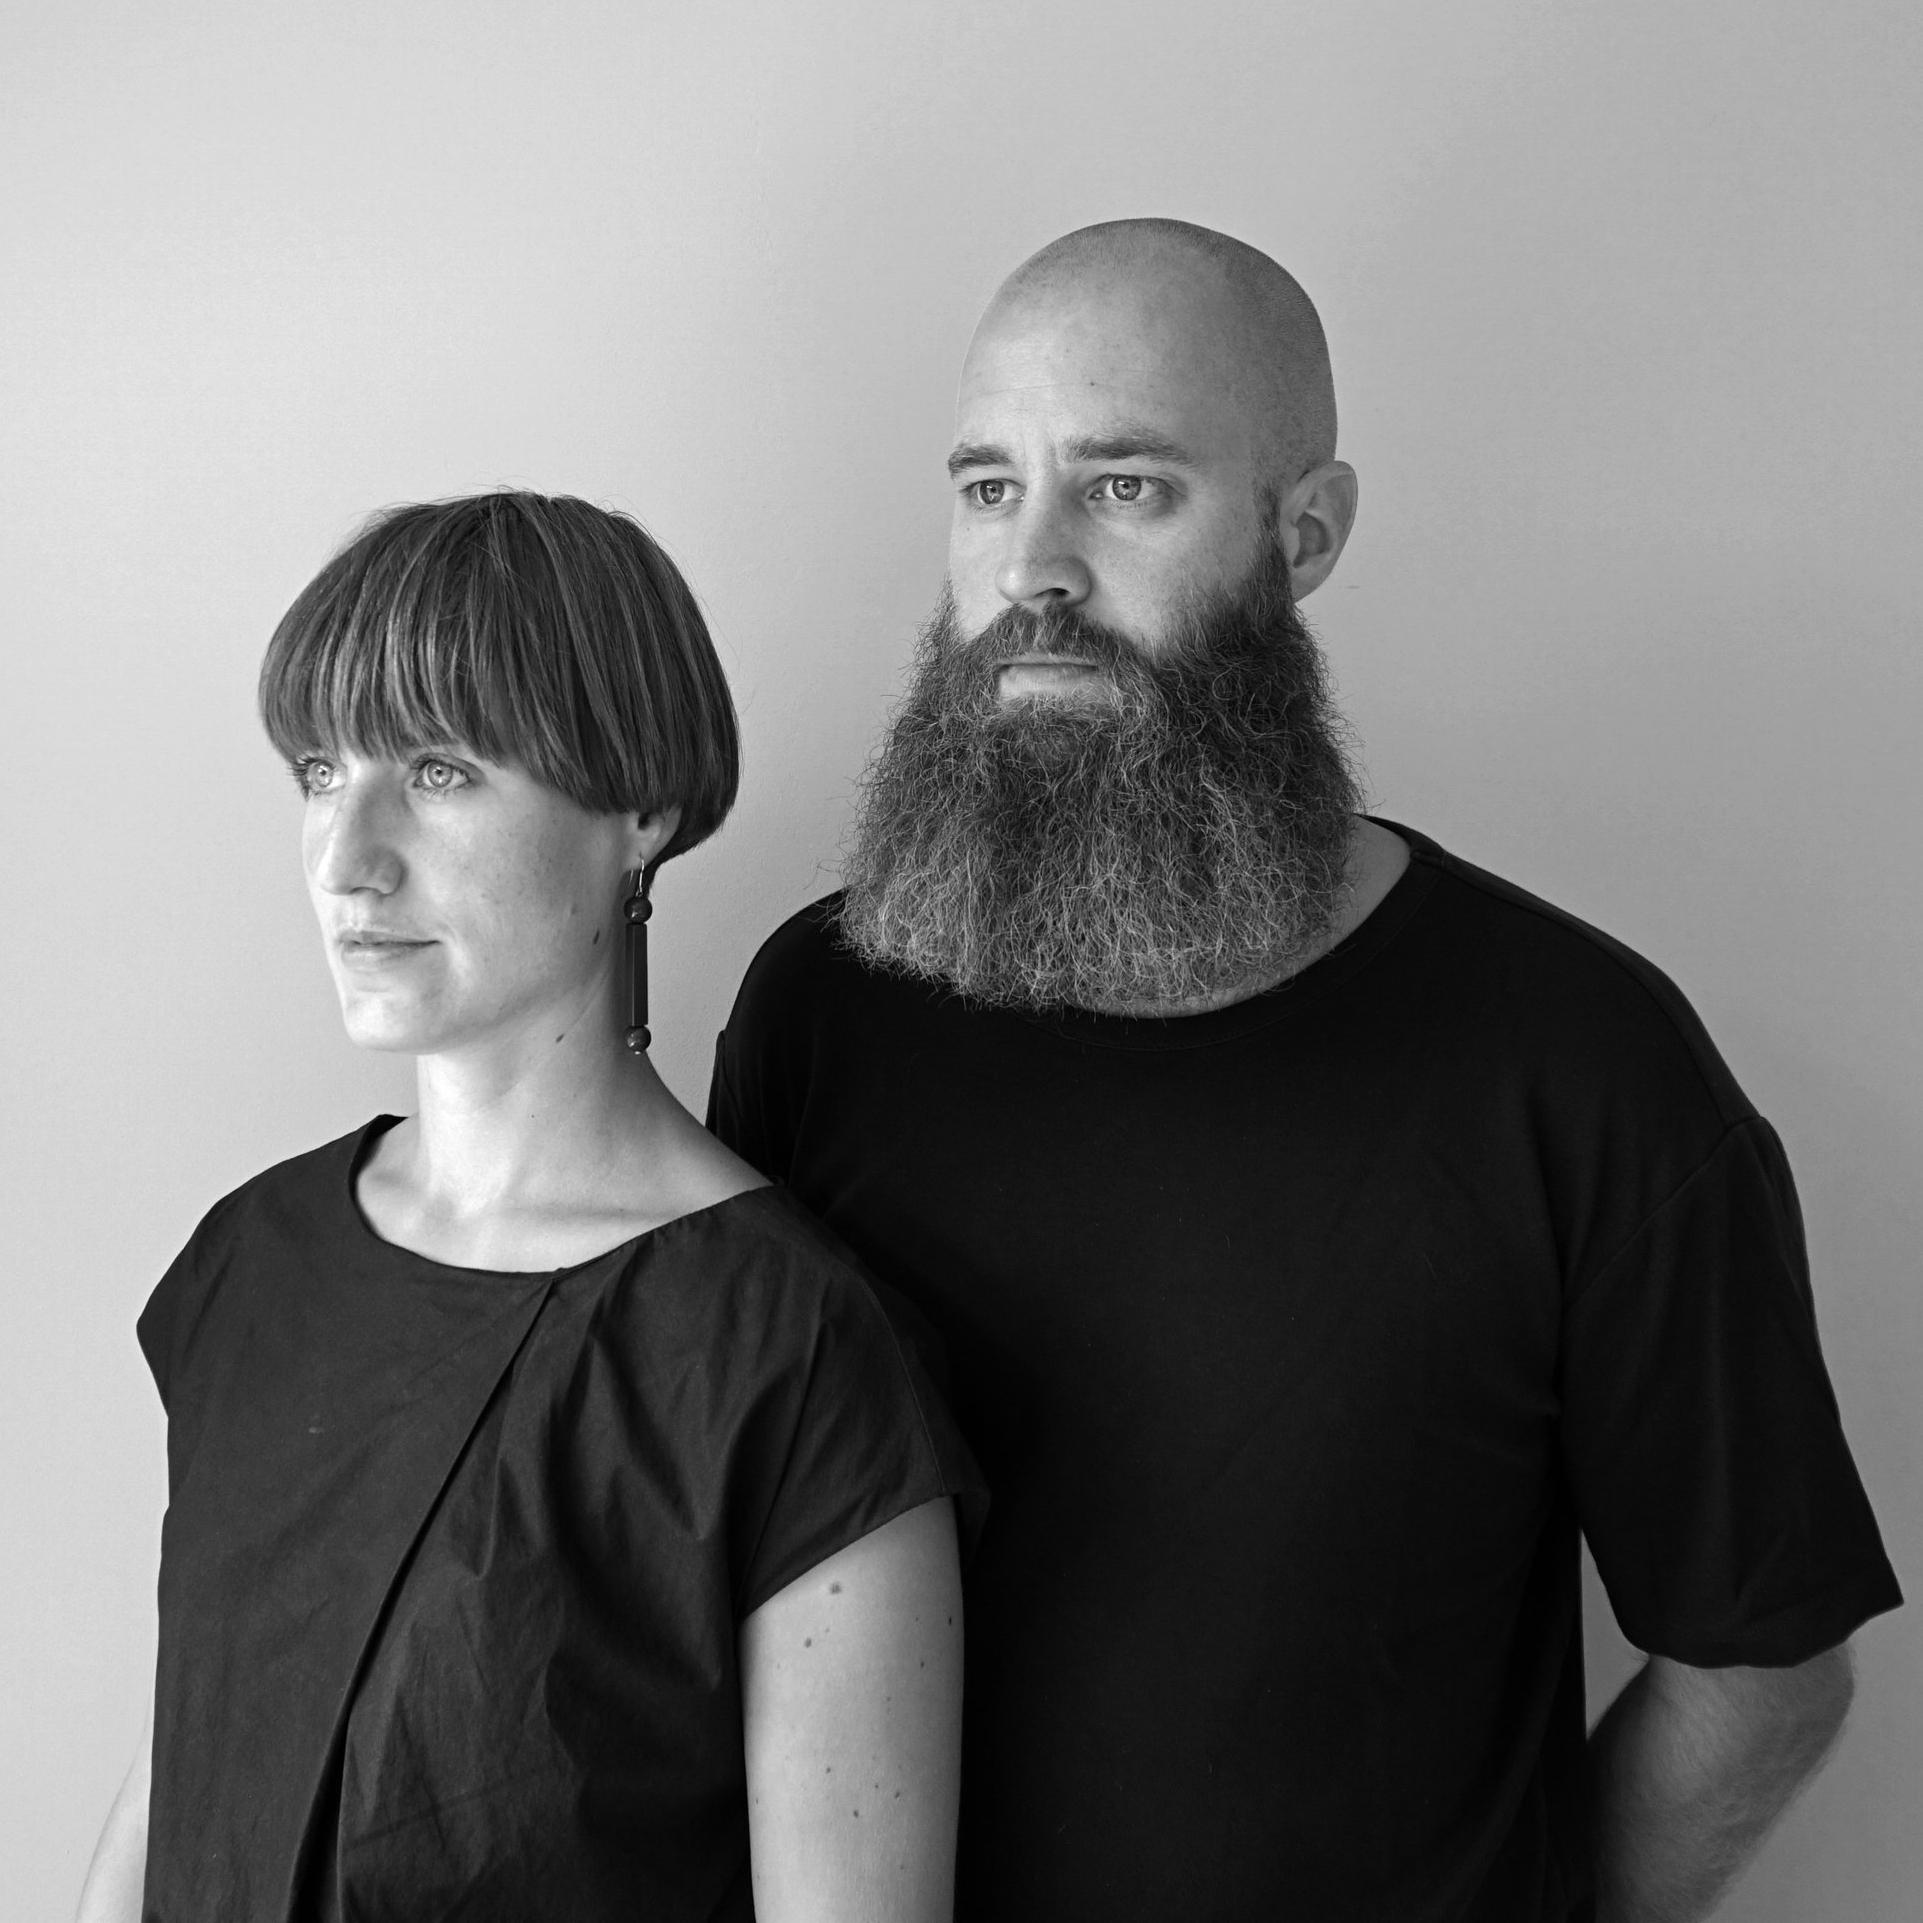 Visser & Meijwaard portret zw-1 2018.jpg